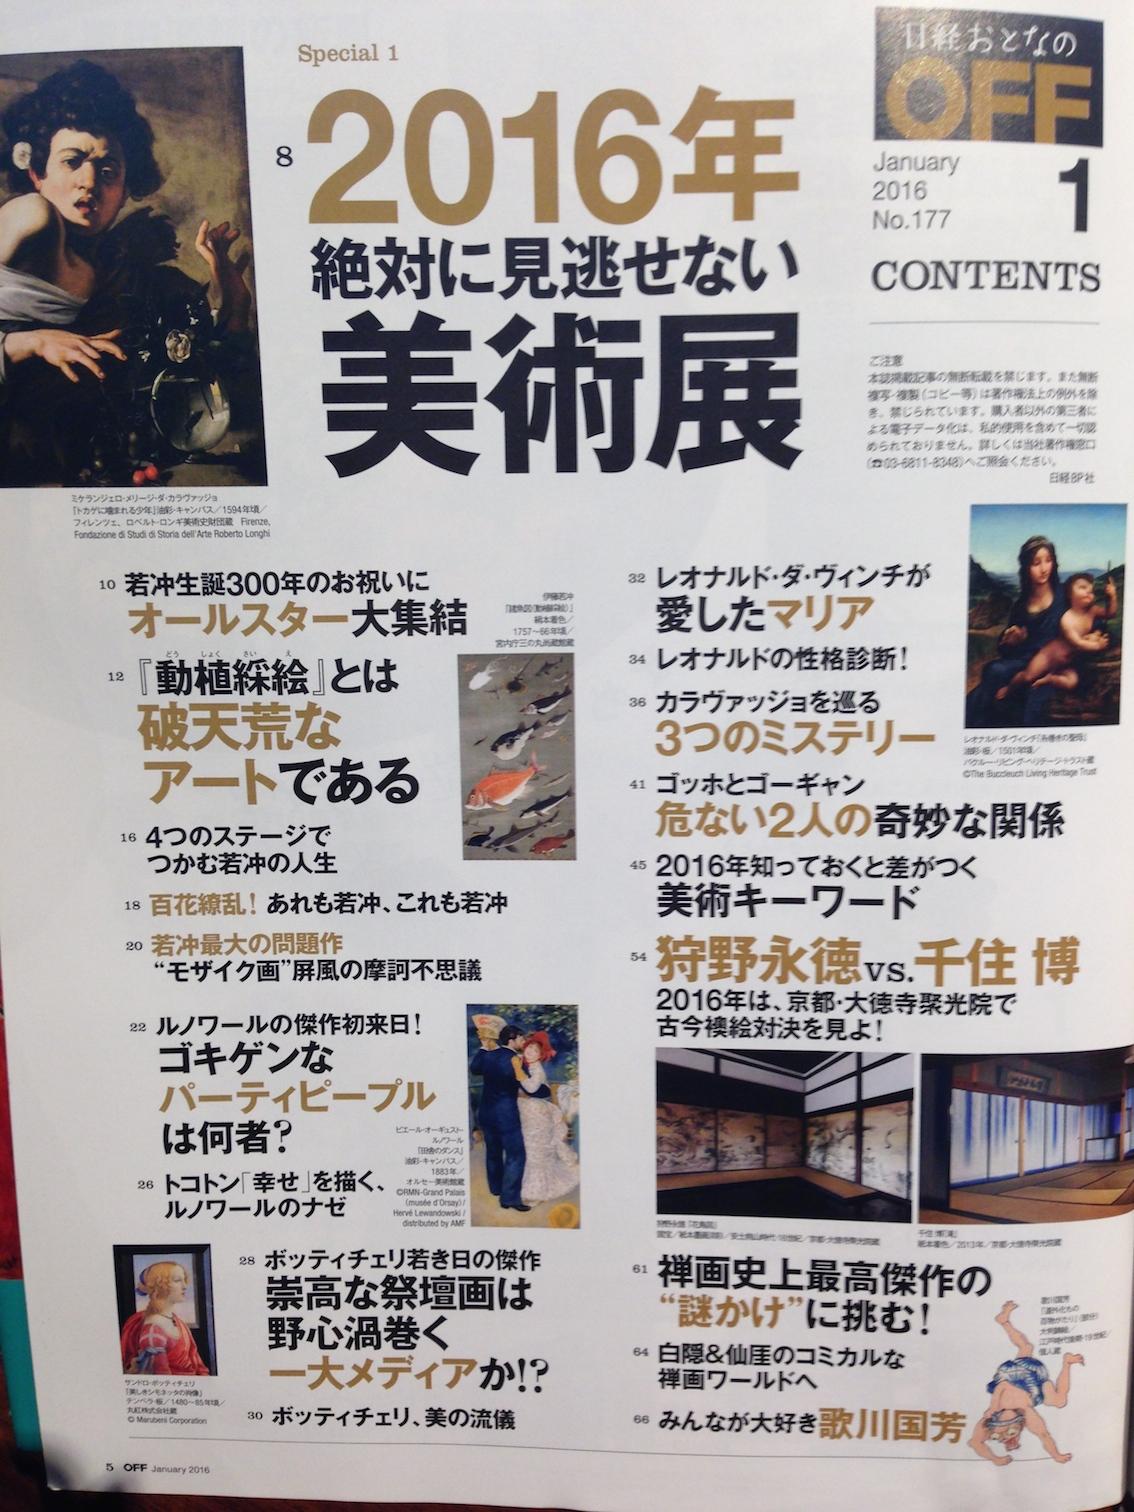 日経おとなのOFF 美術展 アート名画館 目次1